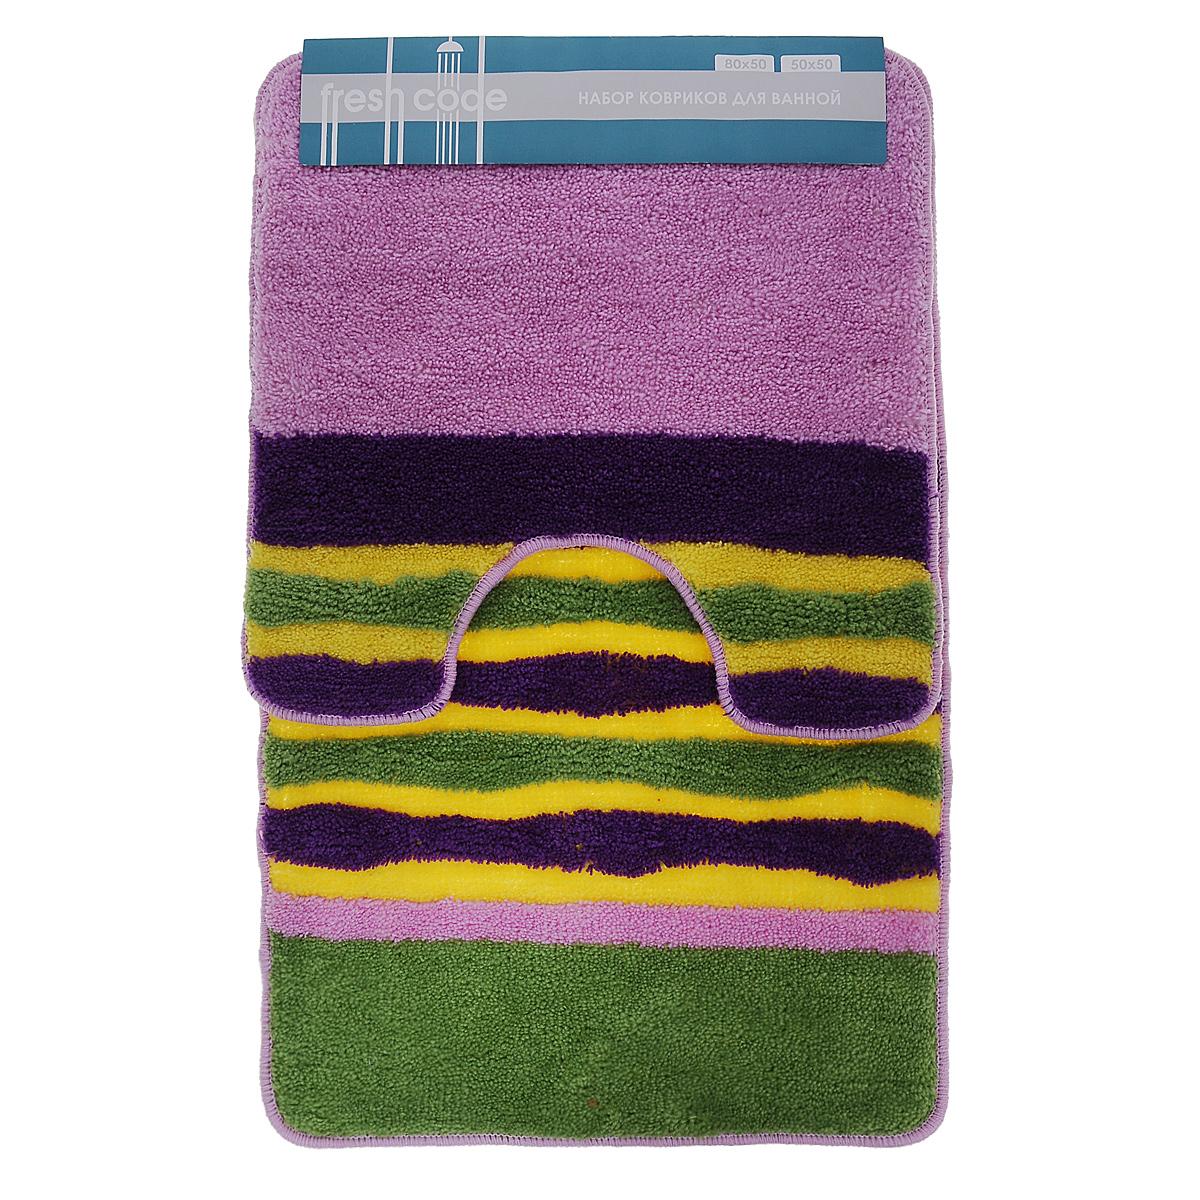 Комплект ковриков для ванной Fresh Code, цвет: салатовый, сиреневый, фиолетовый, 2 предметаCLP446Комплект Fresh Code состоит из коврика для ванной комнаты и туалета. Коврики изготовлены из акрила. Это экологически чистый, быстросохнущий, мягкий и износостойкий материал. Красители устойчивы, поэтому коврики не потускнеют даже после многократных стирок. Благодаря латексной основе коврики не скользят на полу. Края изделий обработаны оверлоком. Набор для ванной Fresh Code подарит ощущение тепла и комфорта, а также привнесет уют в вашу ванную комнату.Высота ворса: 1 см.Размер коврика для ванной комнаты: 80 см х 50 см.Размер коврика для туалета: 50 см х 50 см.